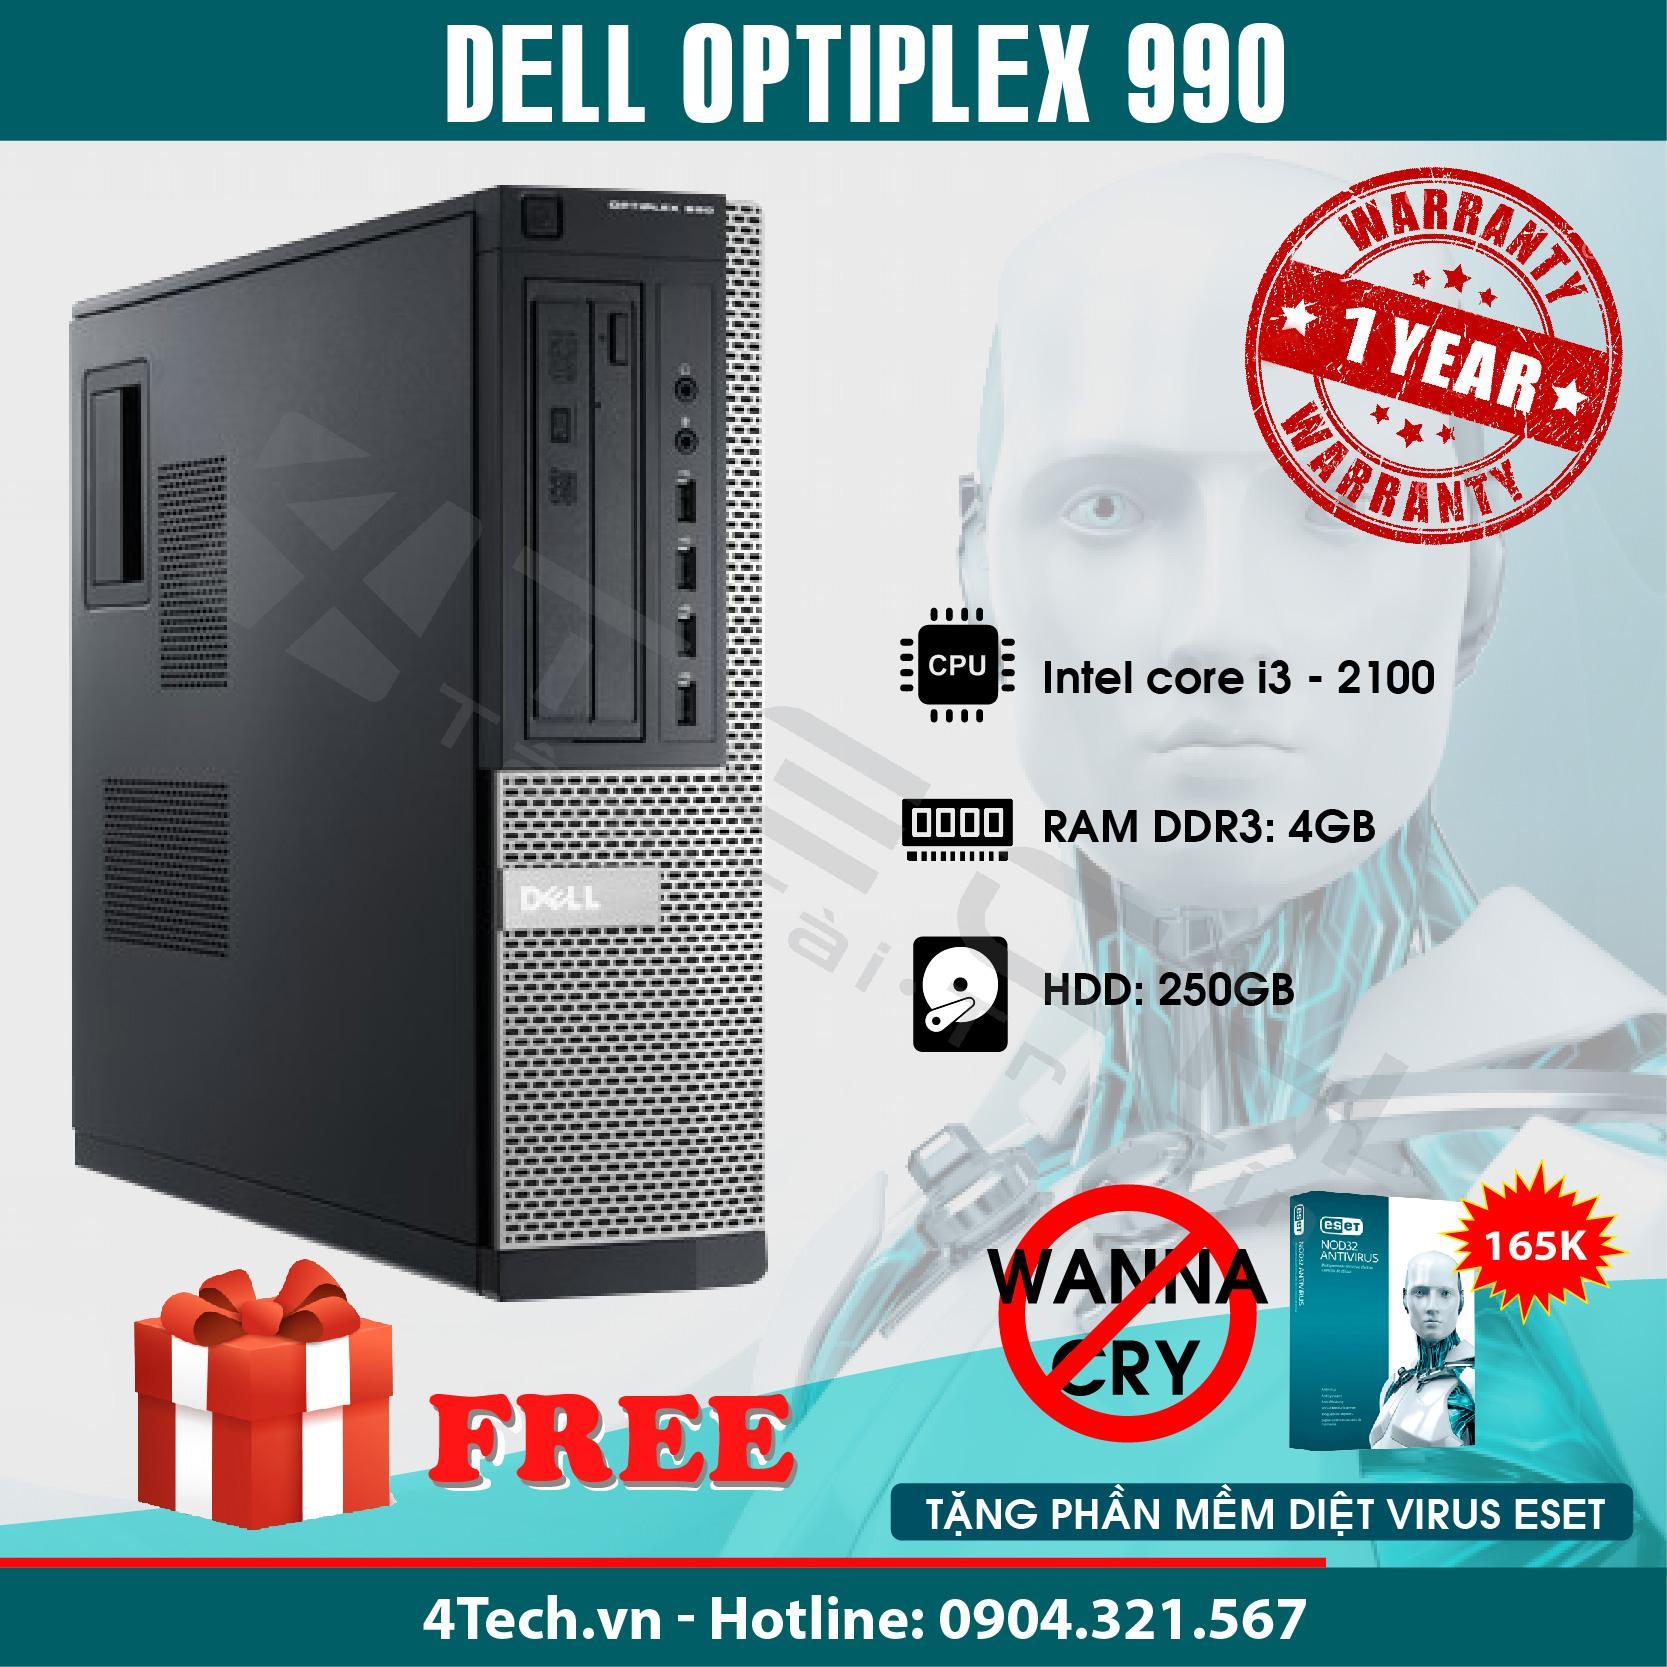 Đồng Bộ Dell Optiplex 990 corei3 – Hàng Nhập Khẩu